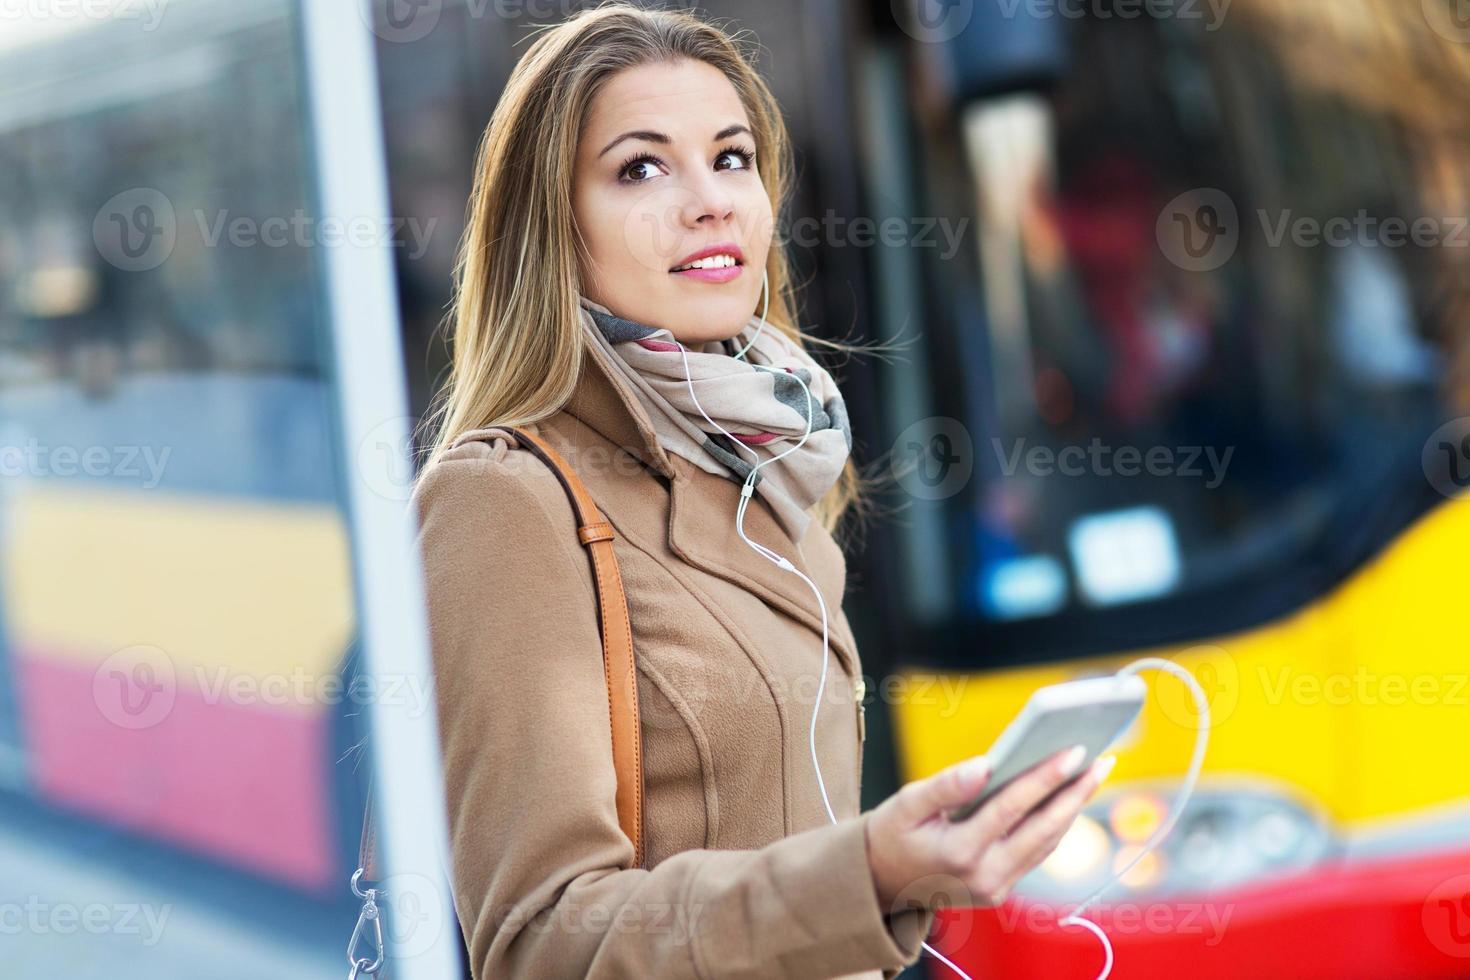 Woman Waiting at Bus Stop photo